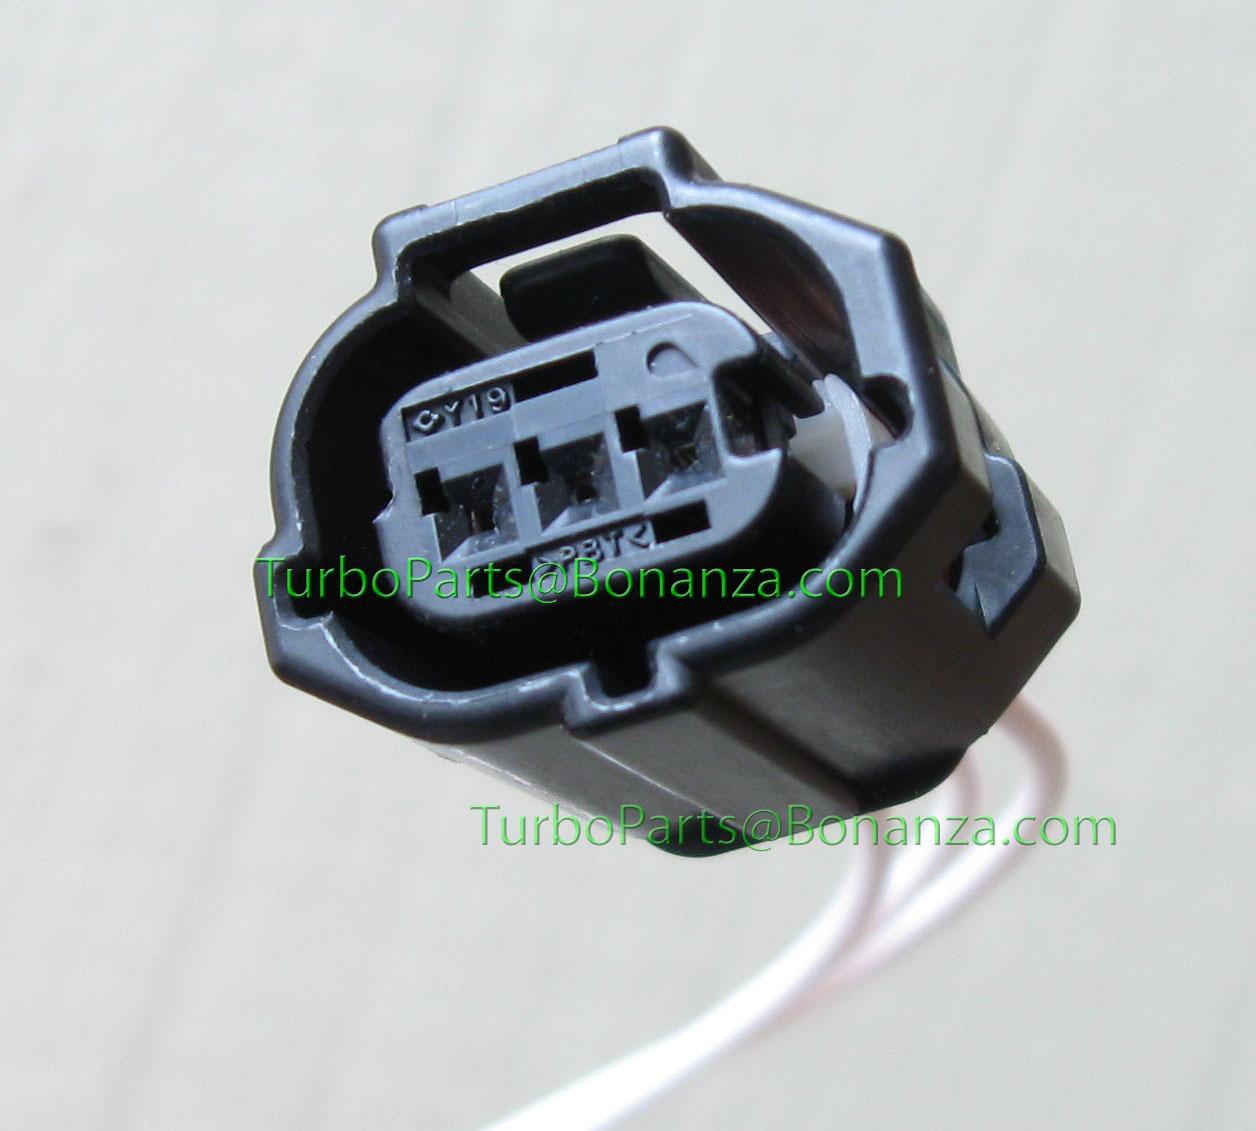 2007 Lexus Es Camshaft: Camshaft Position Sensor Connector For Toyota Scion